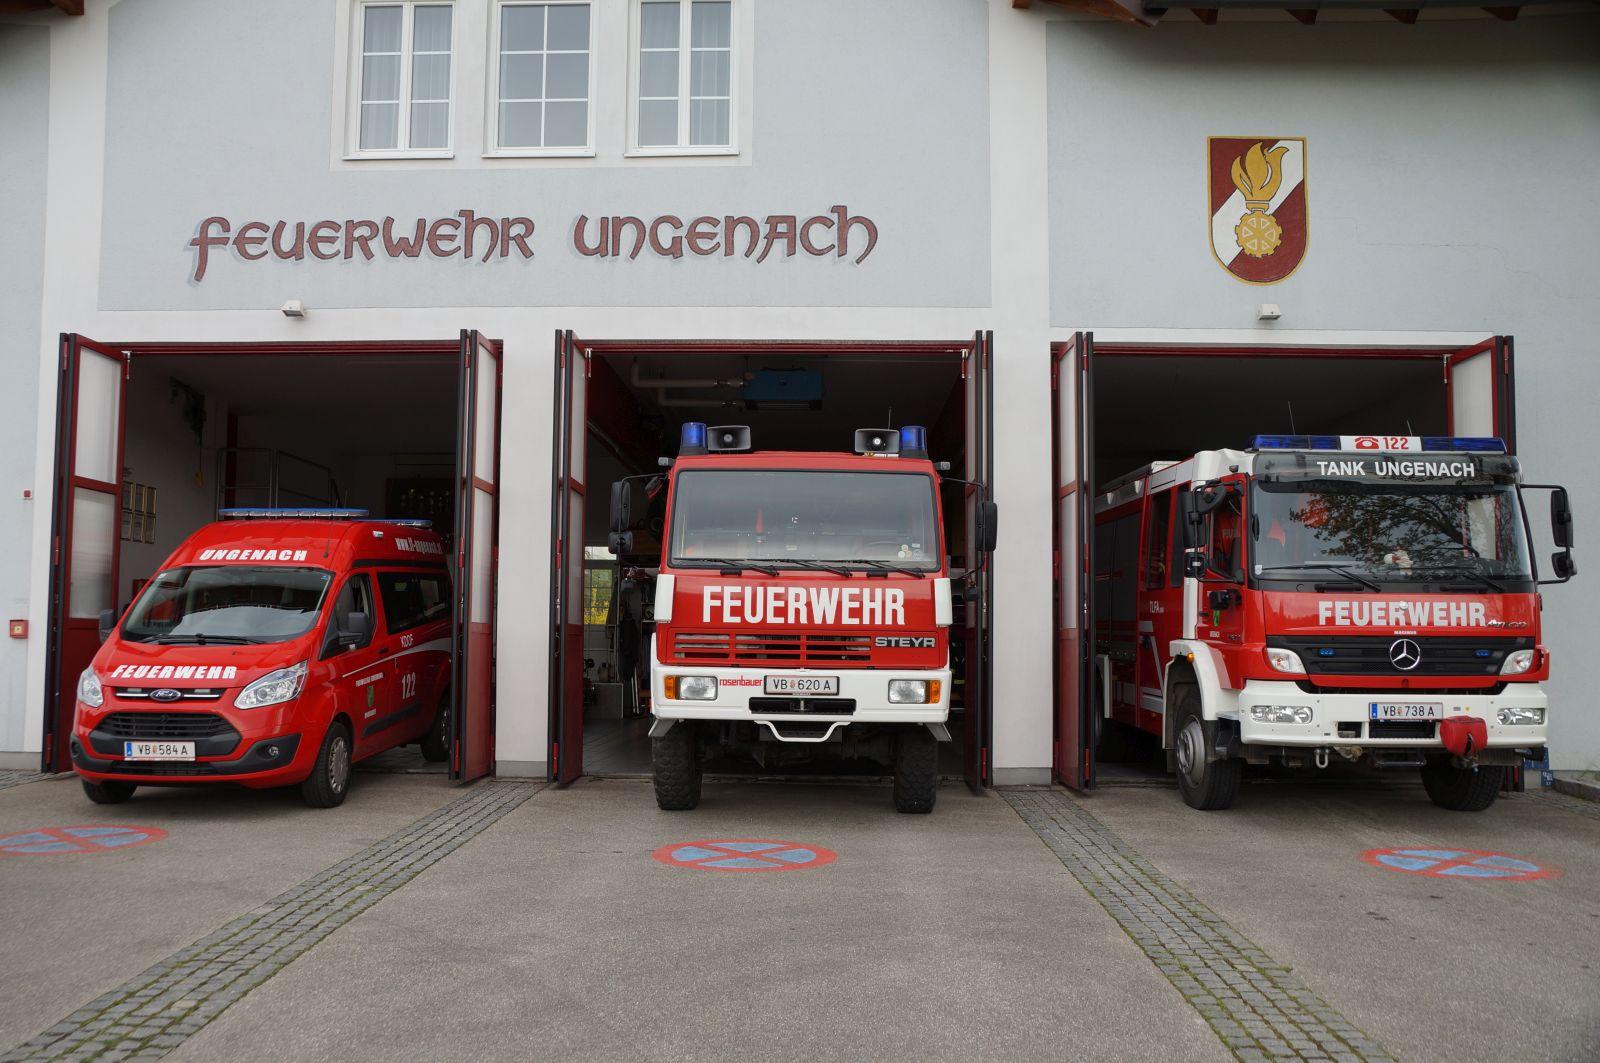 Feuerwehrdepot